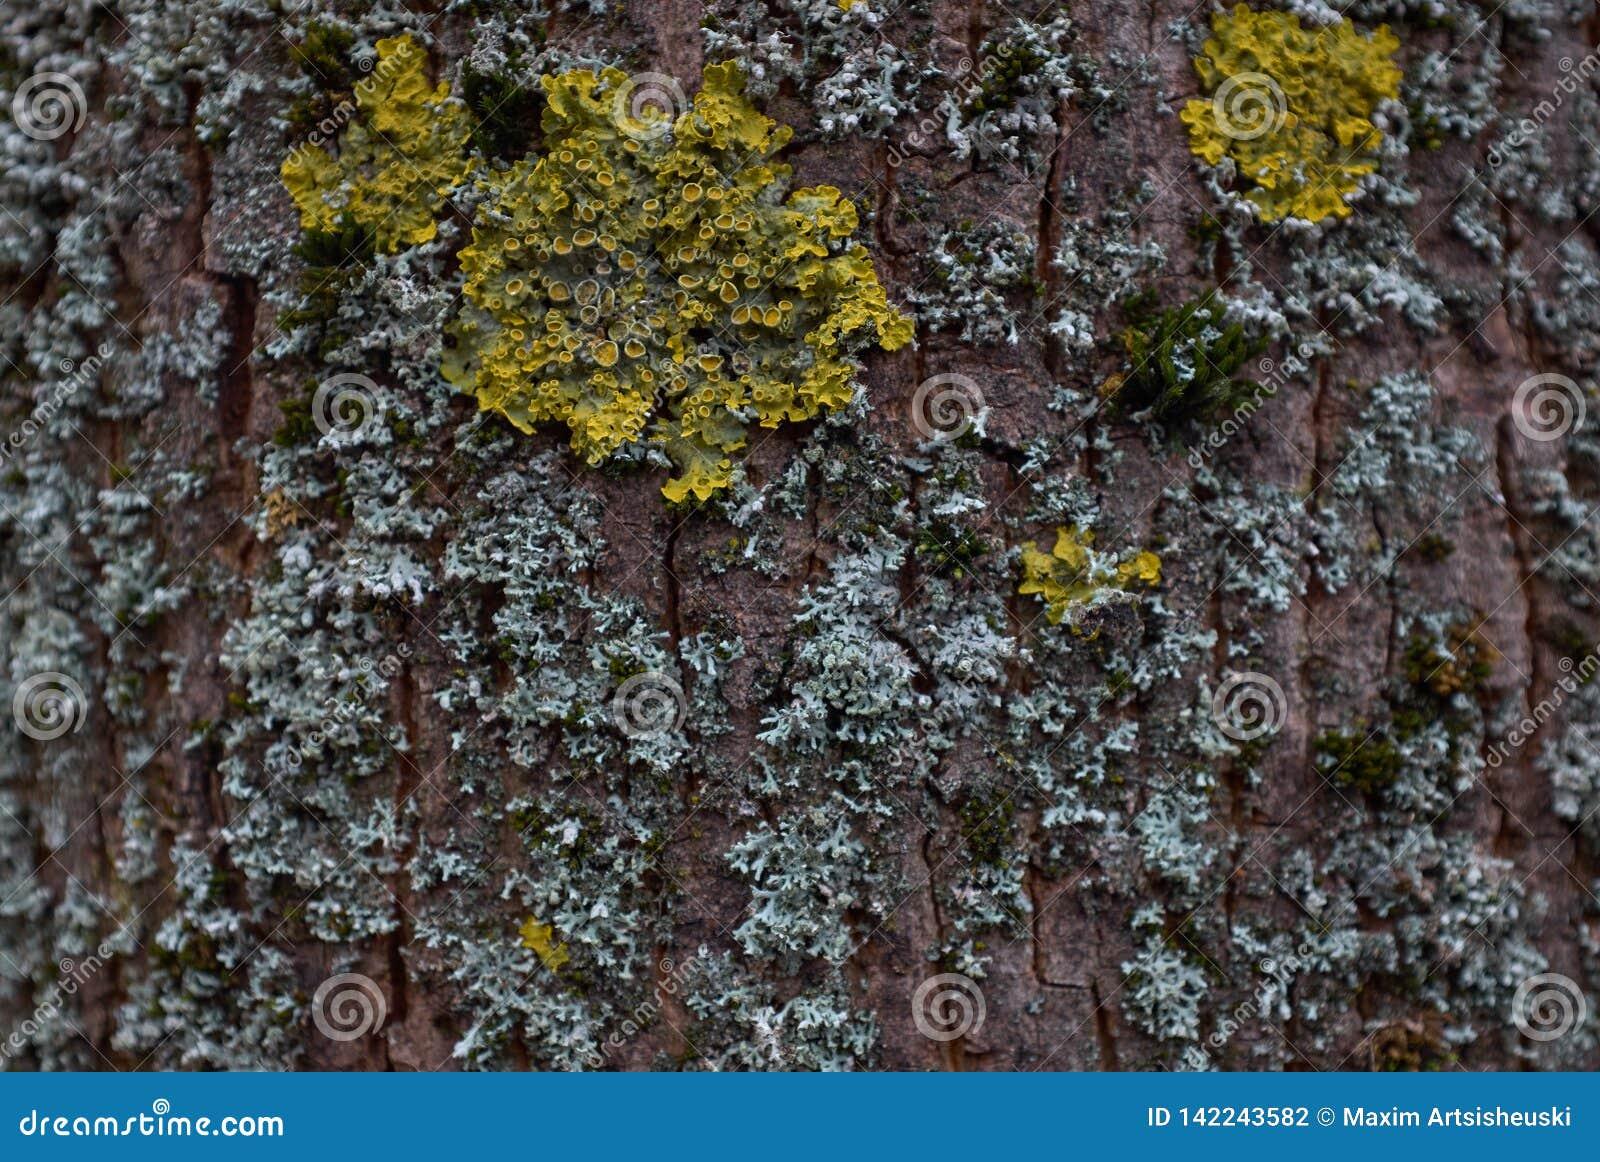 Textura del árbol de corteza con el musgo amarillo y azul